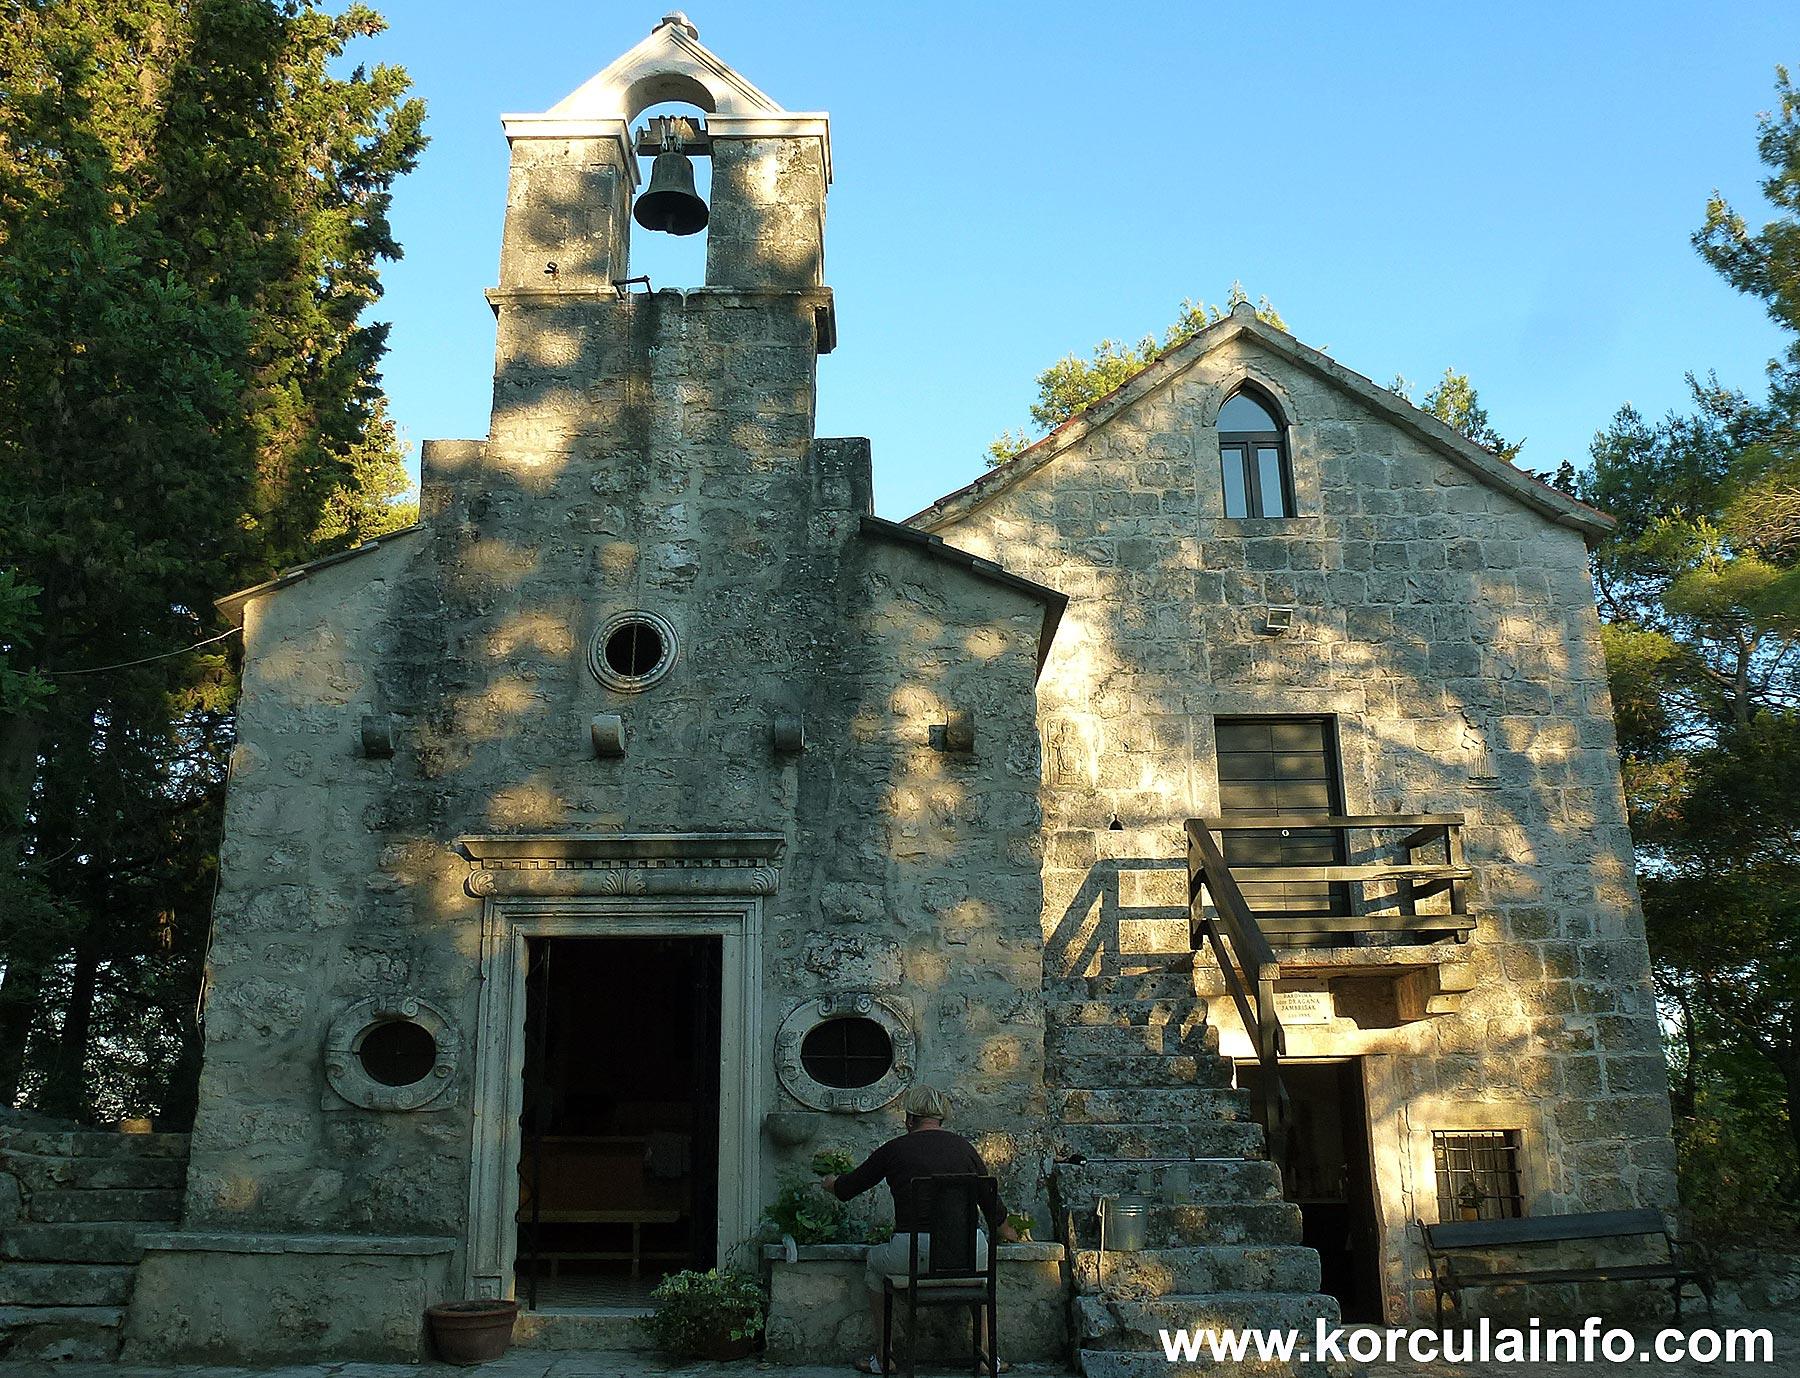 South facade of St Antony's church, Korcula